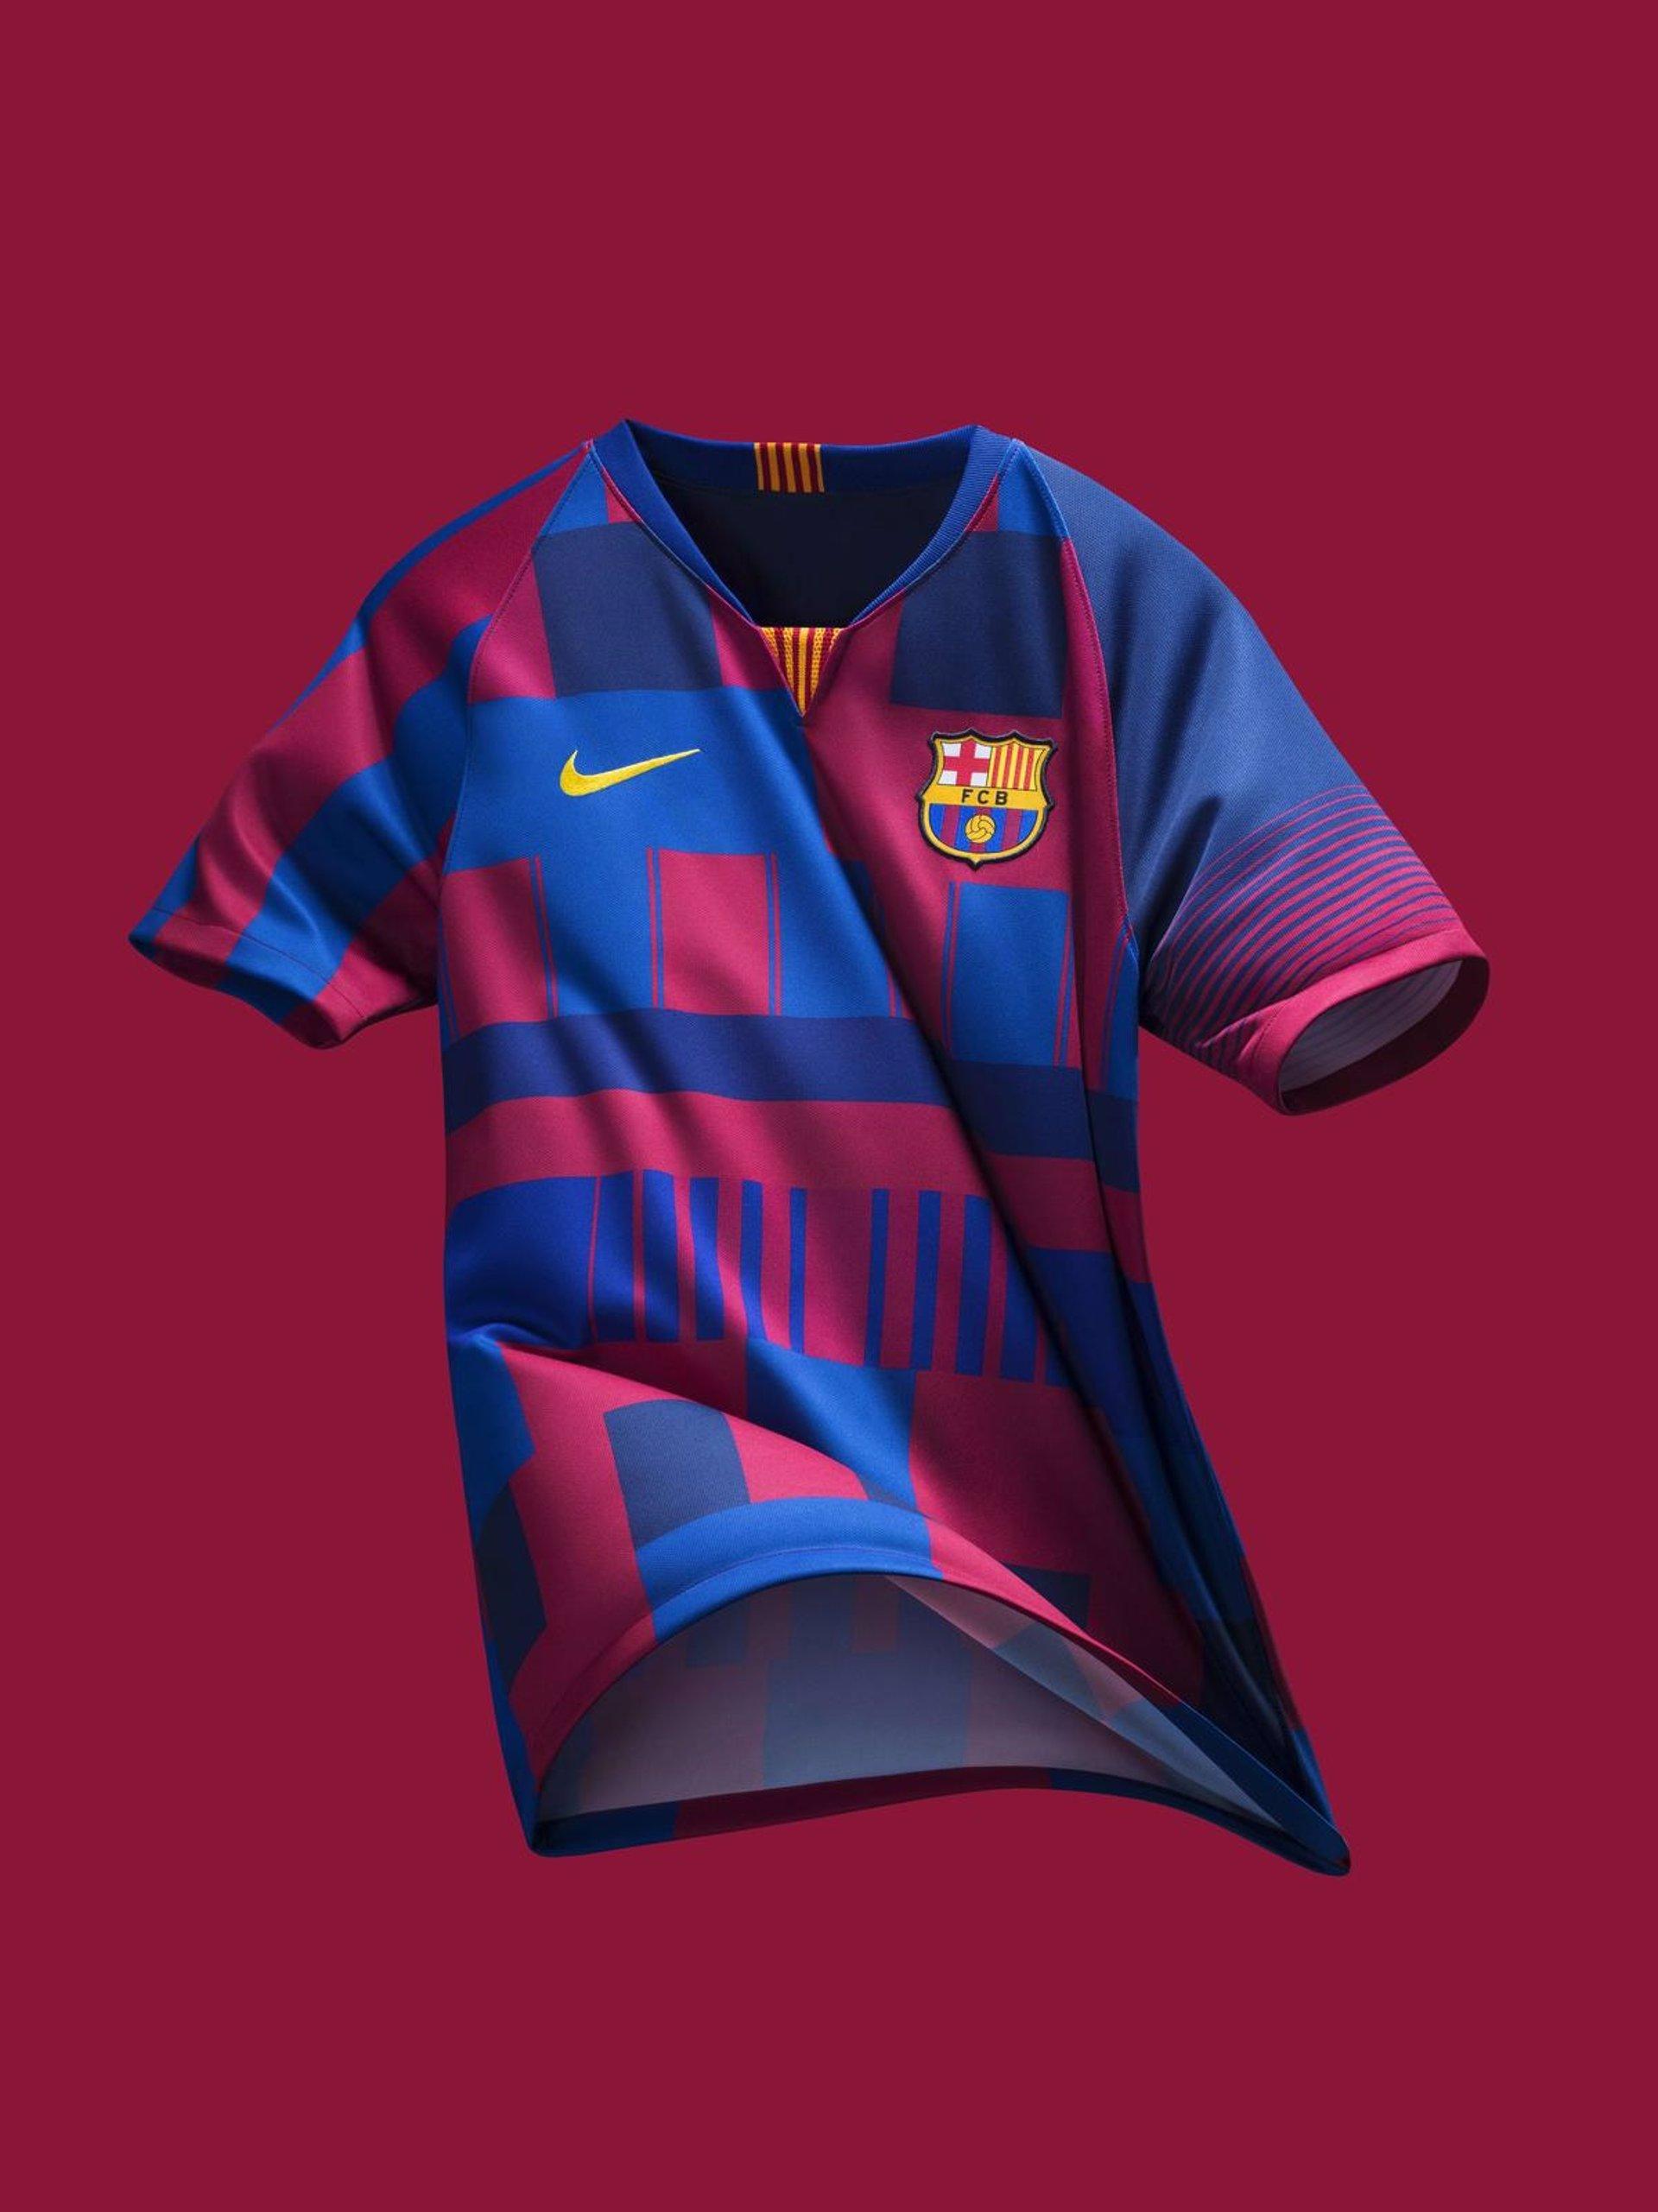 Nike fusiona las 20 camisetas del Barça en una pieza conmemorativa 6a1c8935c6d7c